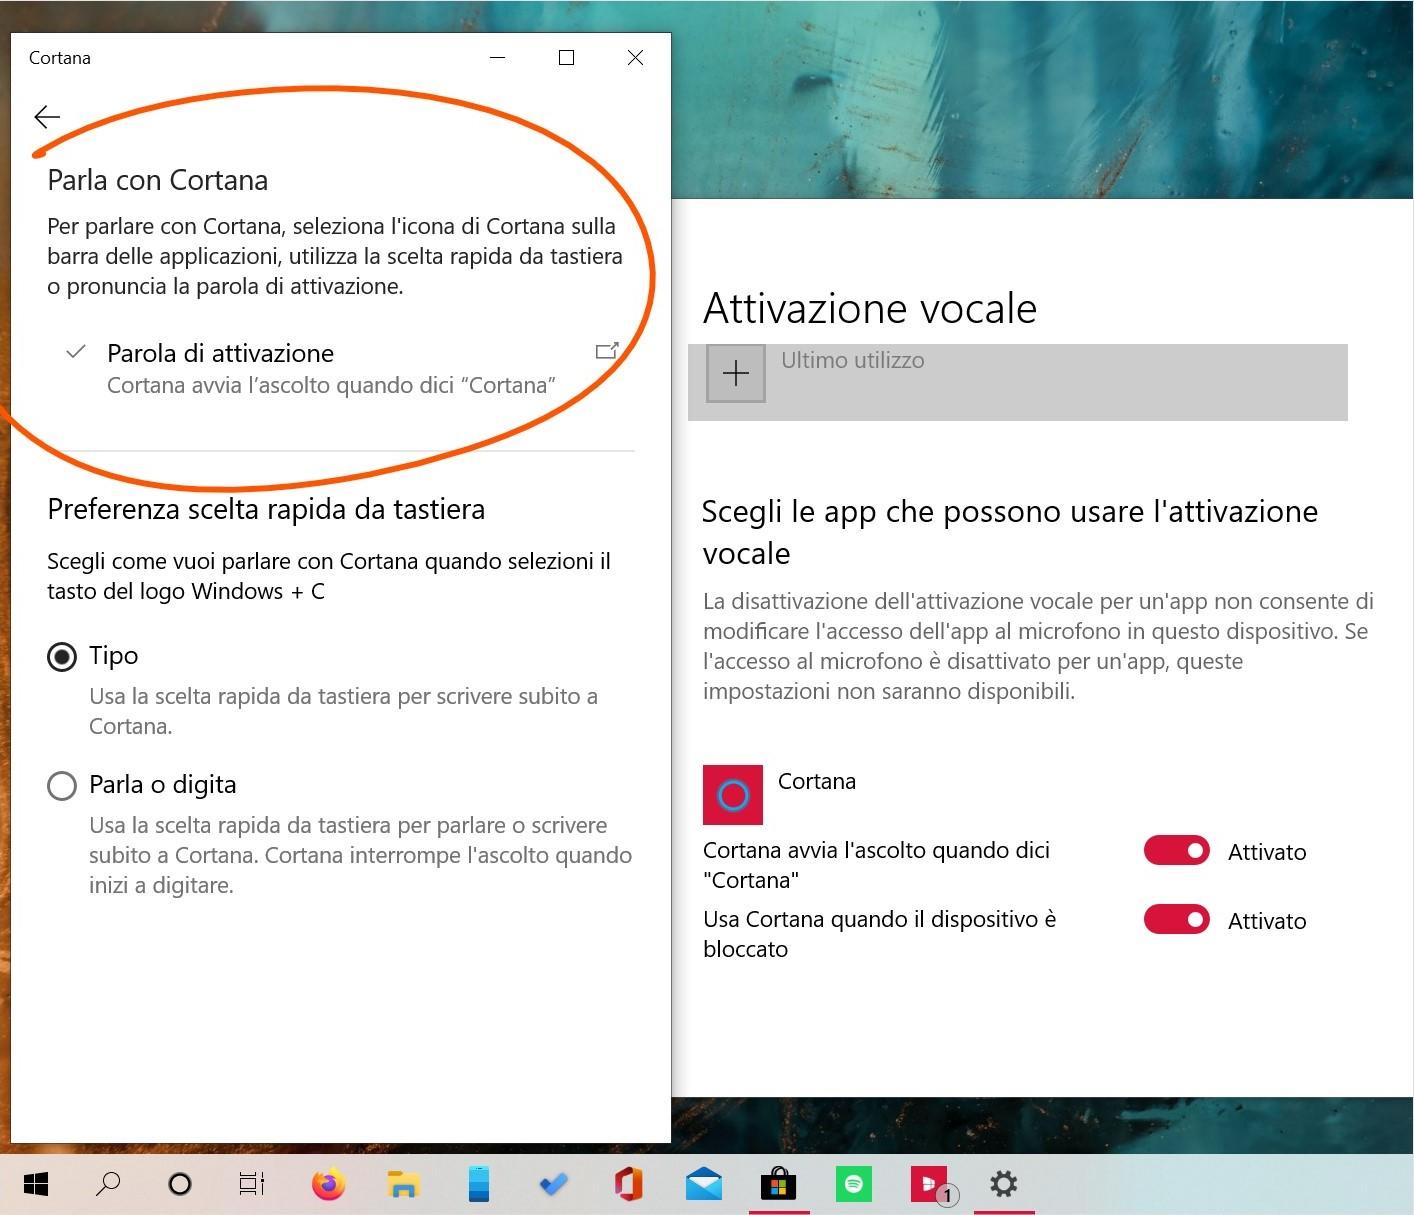 Cortana per Windows 10 May 2020 Update attivazione vocale